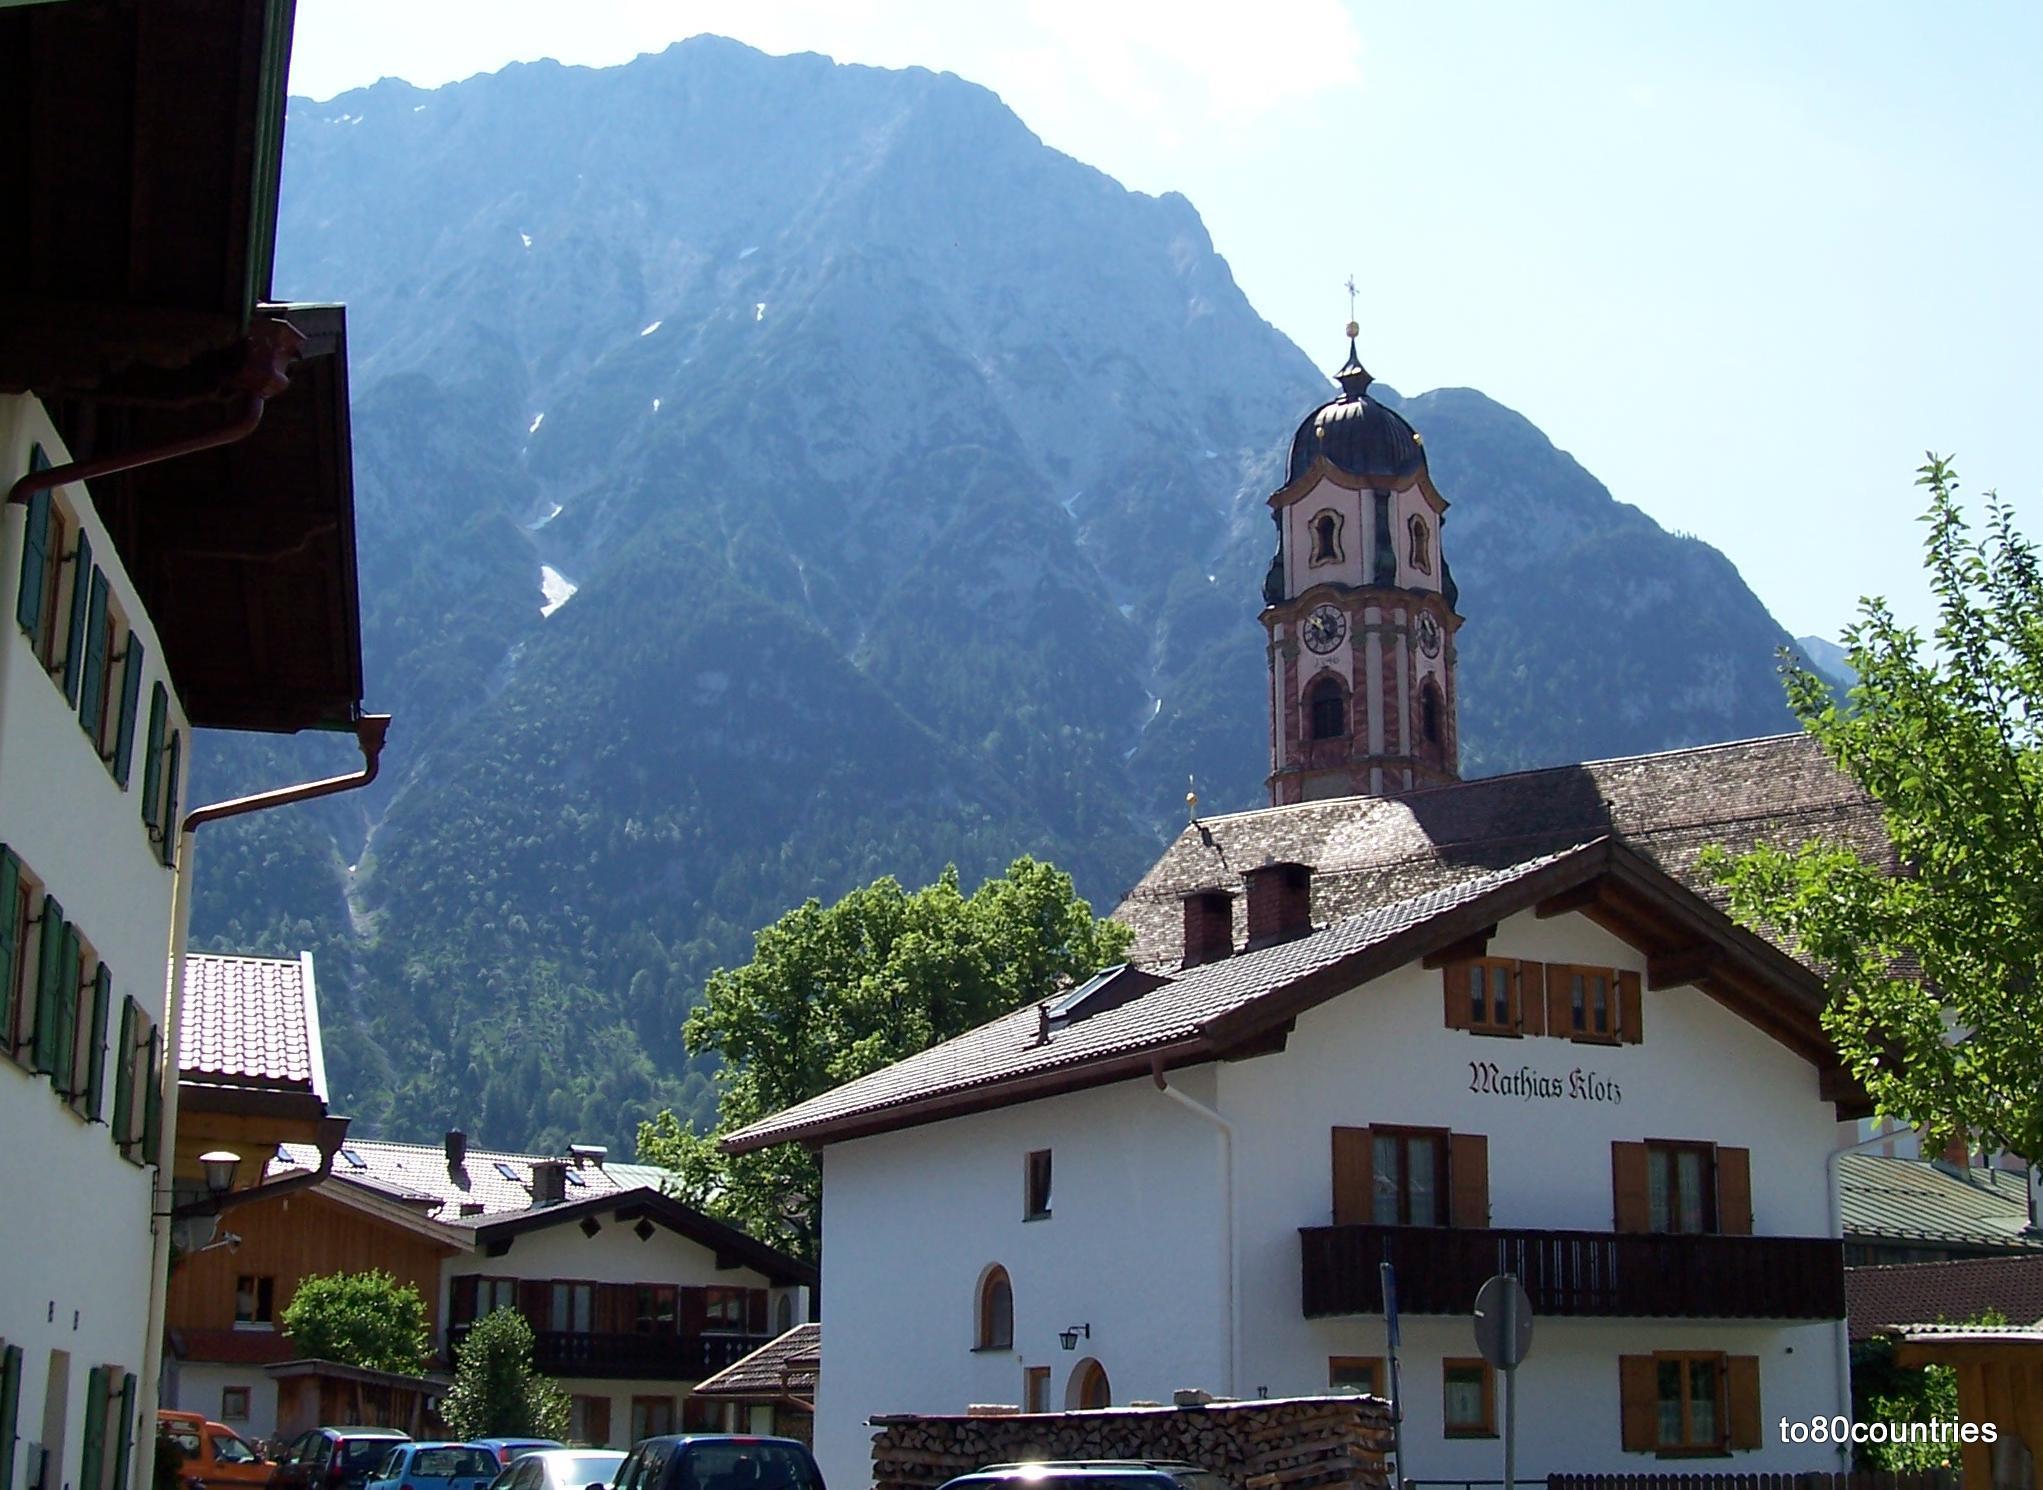 Haus Mathias Klotz mit Kirche St. Peter und Paul in Mittenwald